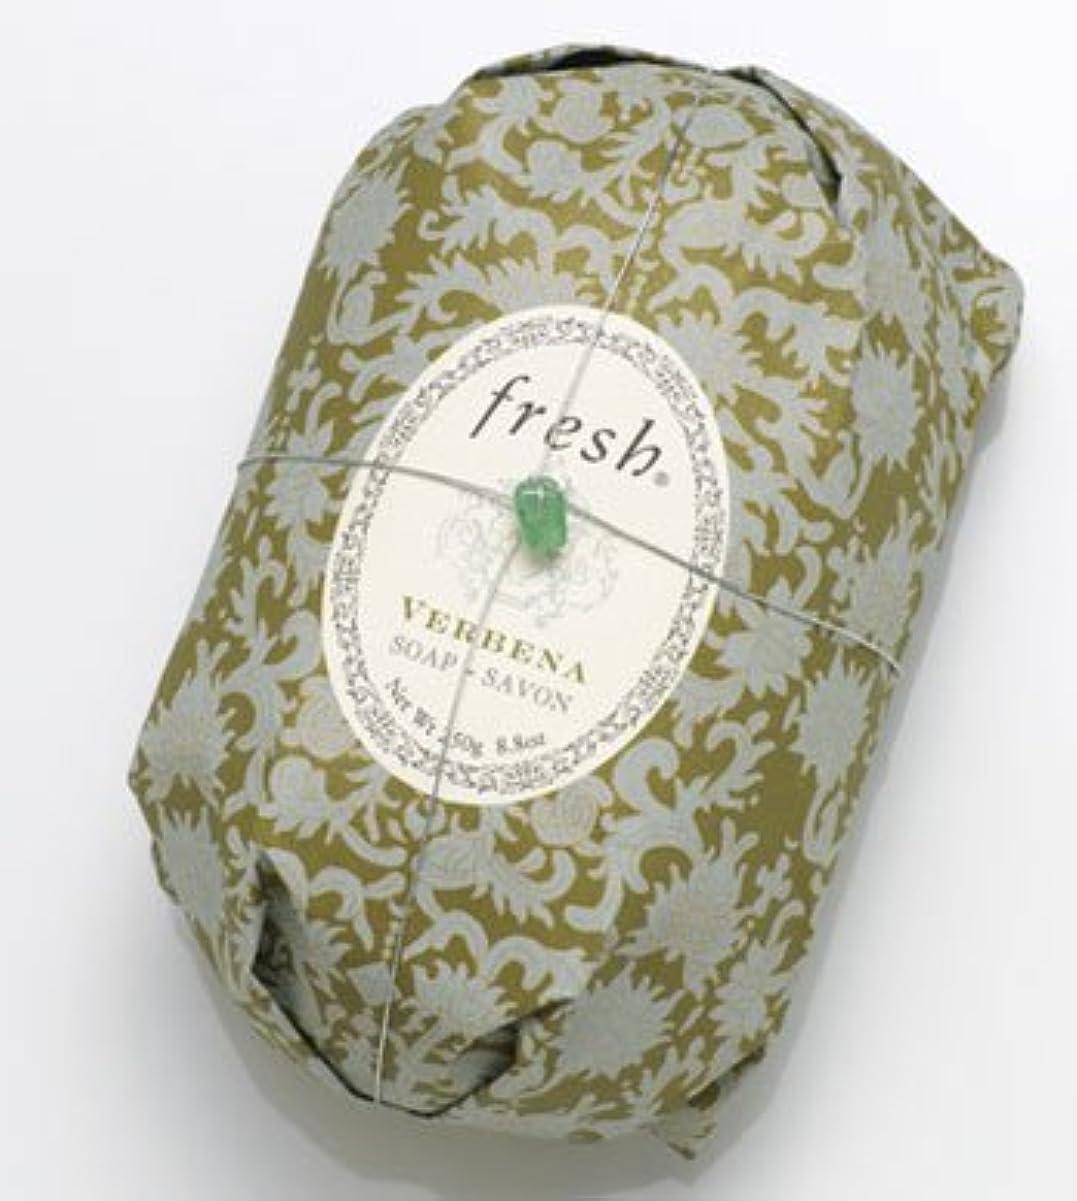 魅惑的な多くの危険がある状況懸念Fresh VERBENA SOAP (フレッシュ バーベナ ソープ) 8.8 oz (250g) Soap (石鹸) by Fresh